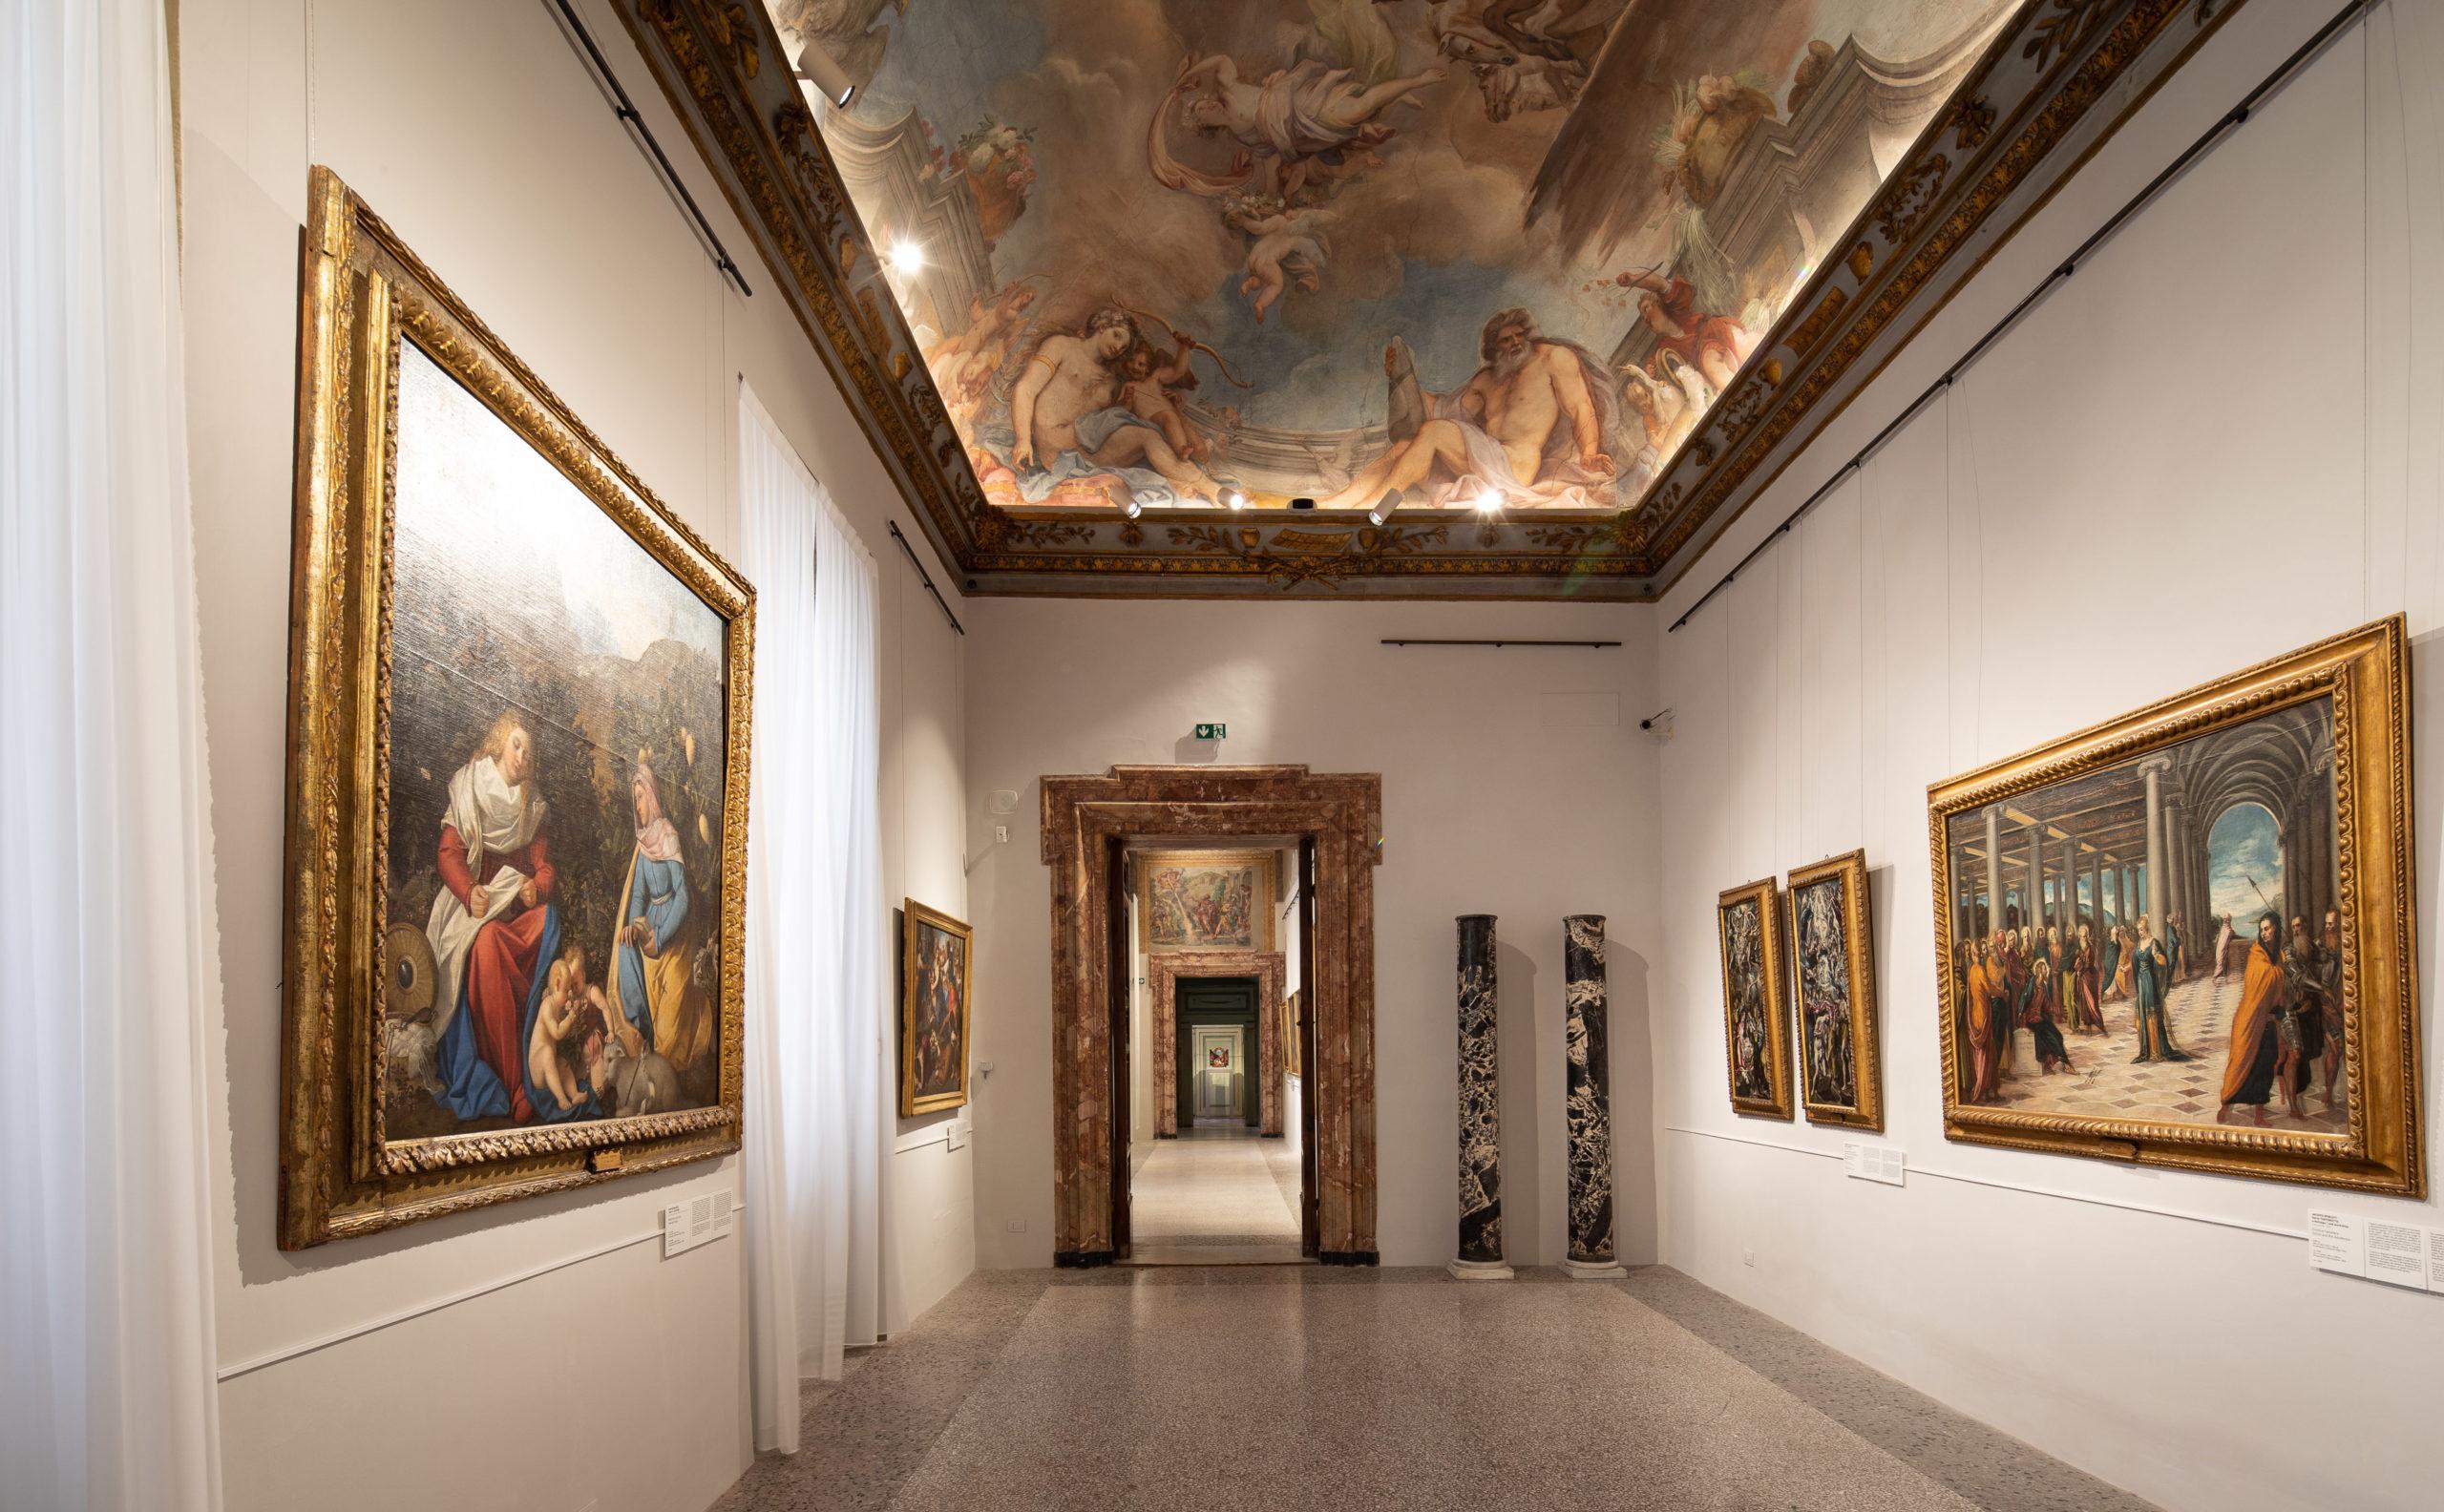 Capolavori del Seicento: il nuovo allestimento del Museo di Palazzo Barberini, Roma